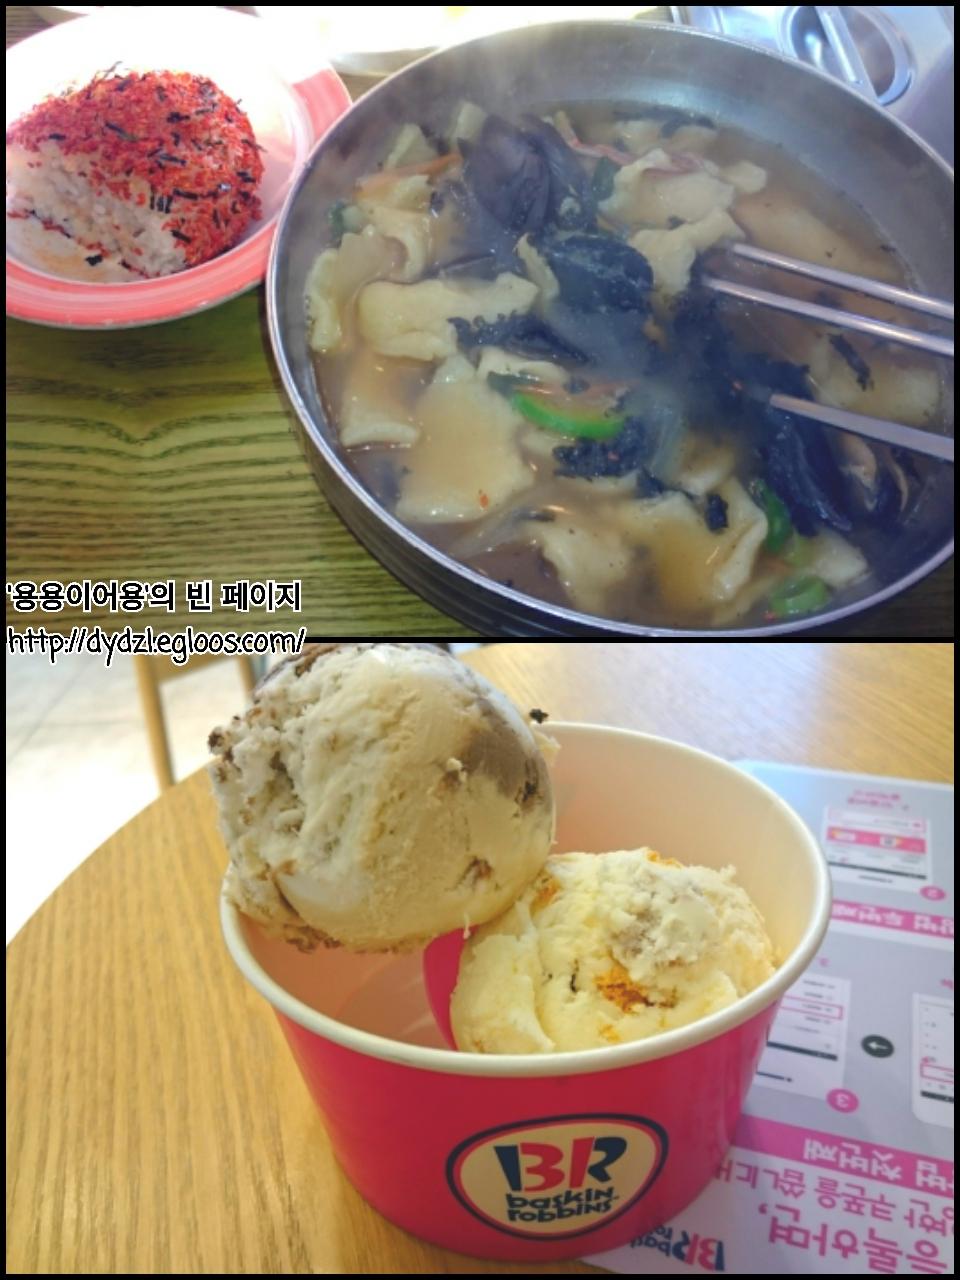 2018. 1. 12.(금) 점심 - 회사 근처에서 혼밥먹기